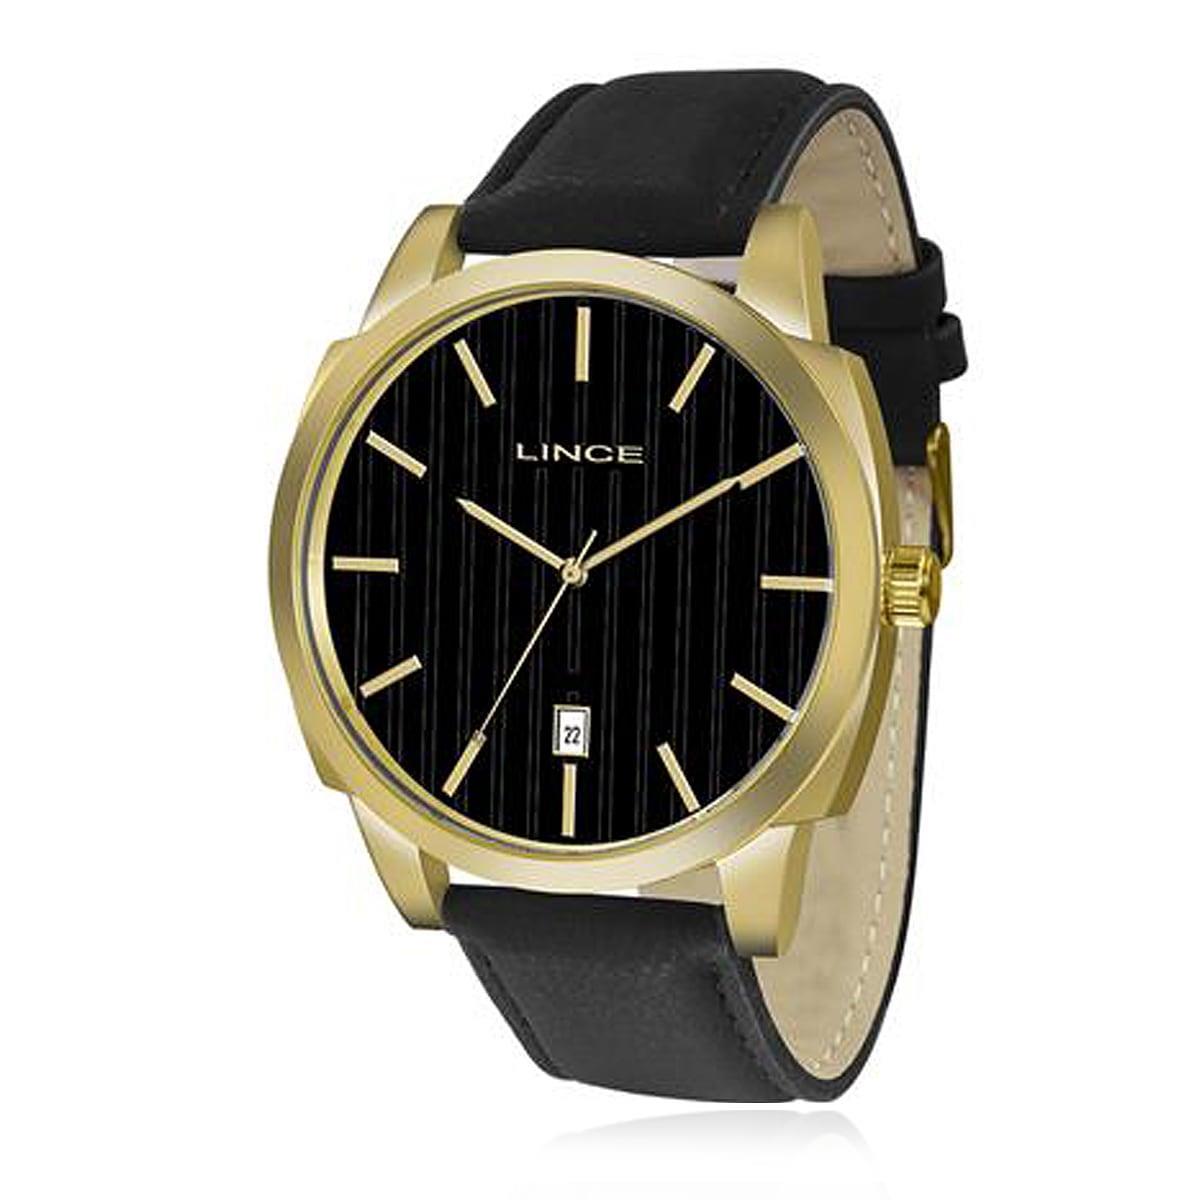 ff4c716899b Relógio Masculino Lince Analógico MRC4462S P1PX Couro Preto Produto não  disponível